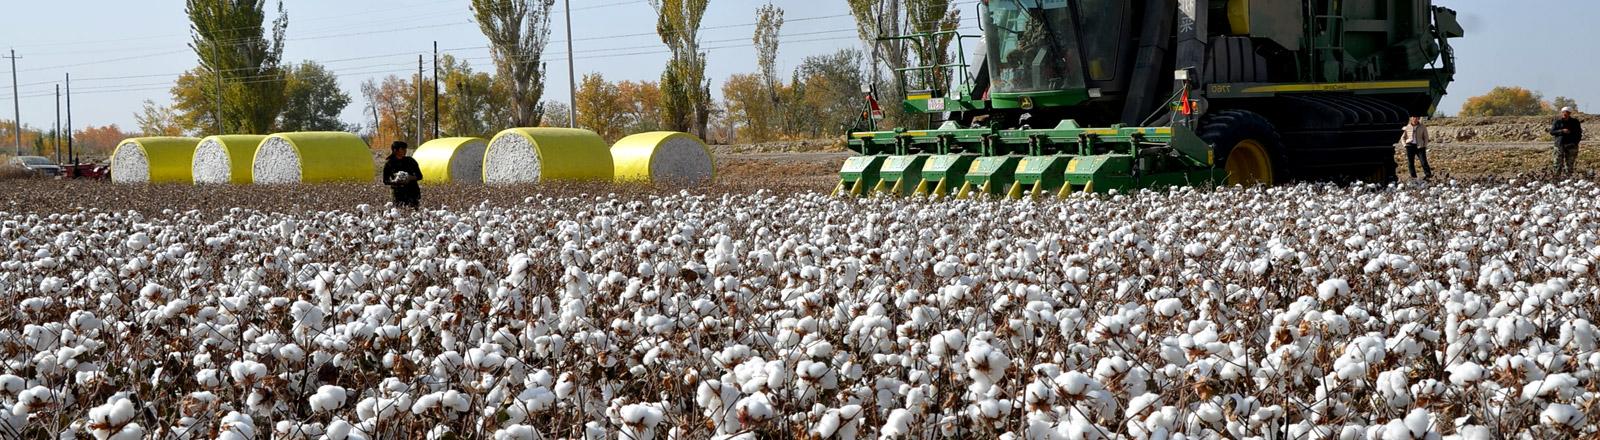 Eine Baumwoll-Erntemaschine auf einem Baumwollfeld